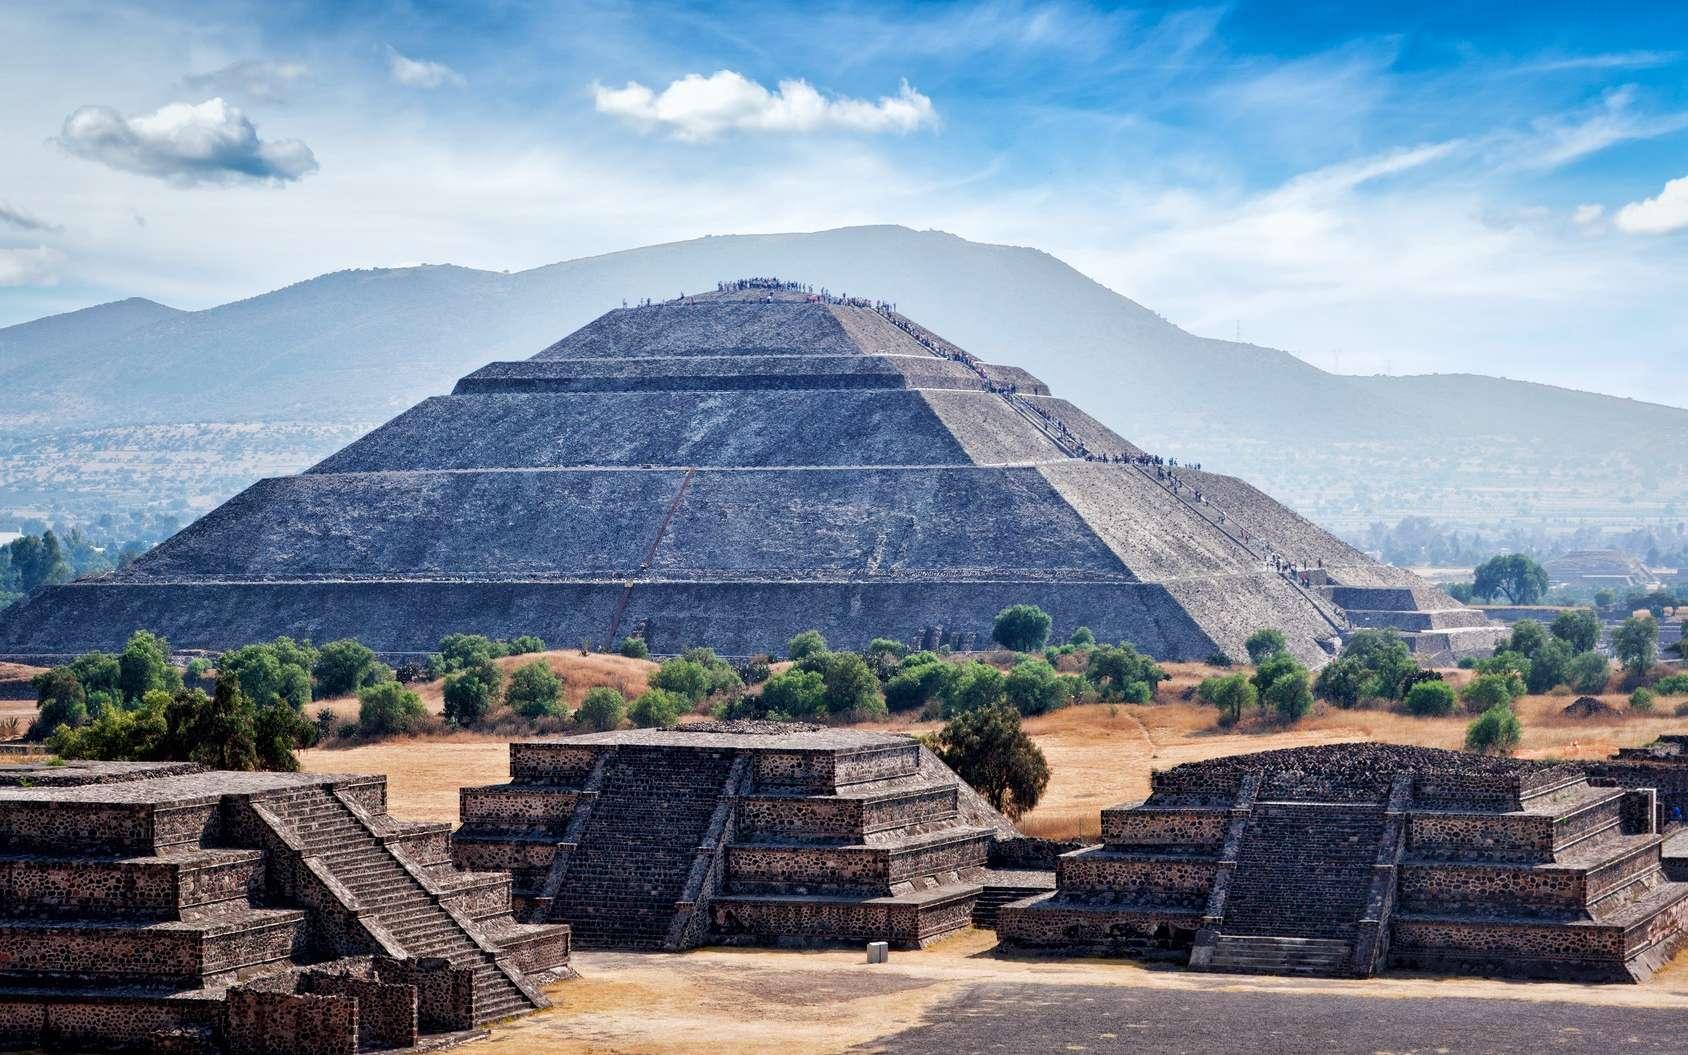 Au 16e siècle, des millions de personnes sont décédées dans une curieuse épidémie au Mexique. © f9photos, Fotolia